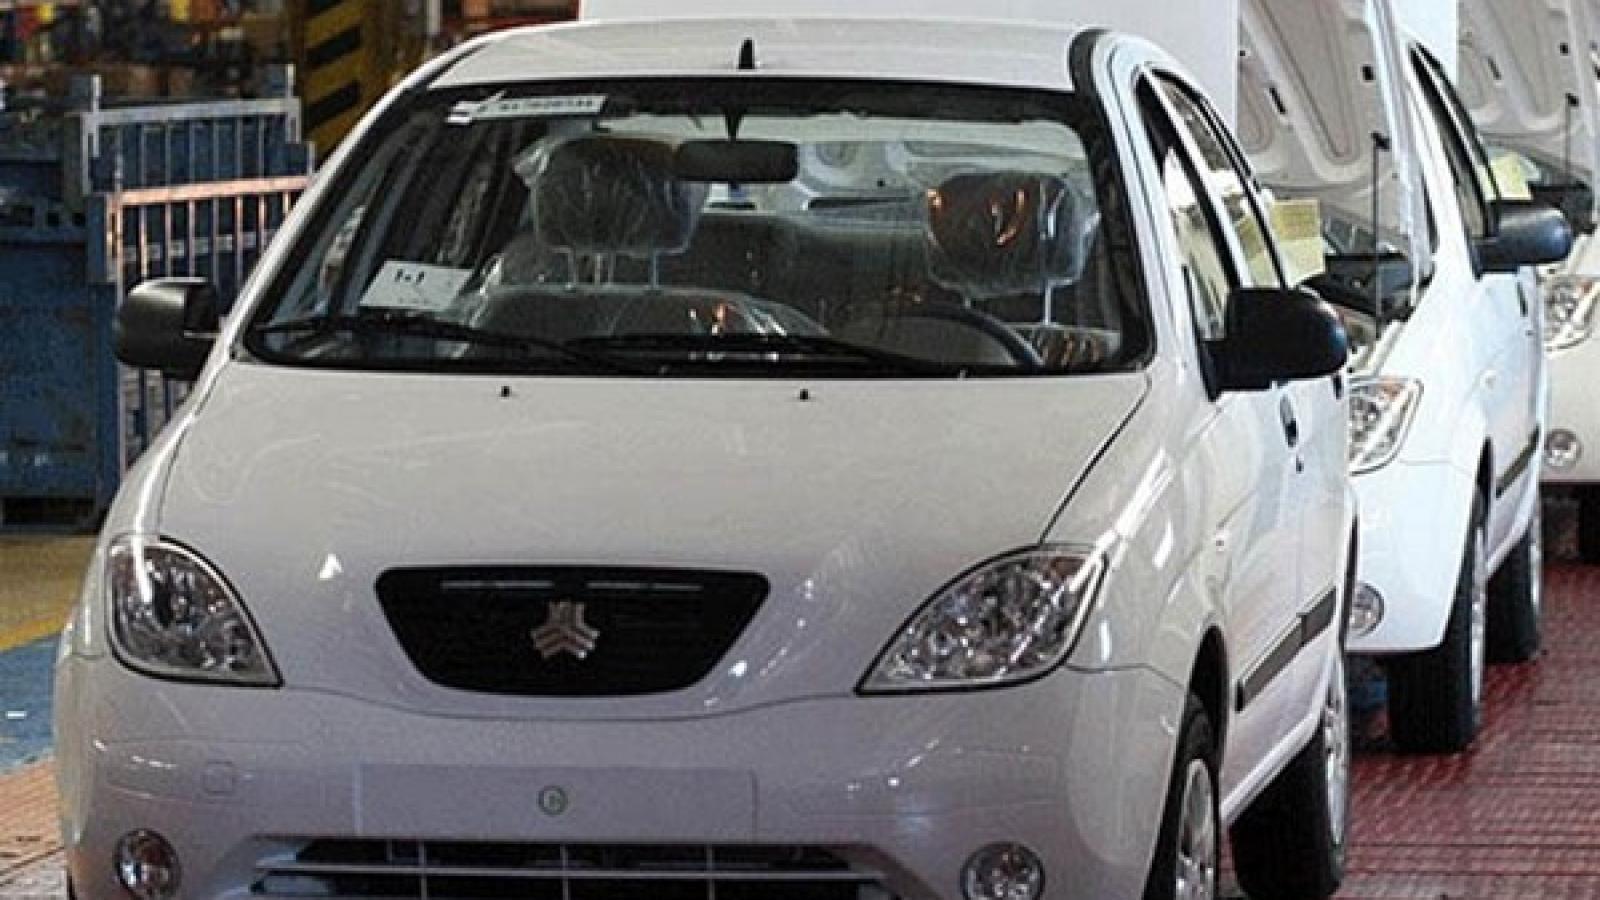 بهبود کیفیت تیبا باعث ارتقای رضایت مشتریان است - اجاره خودرو طباطبایی